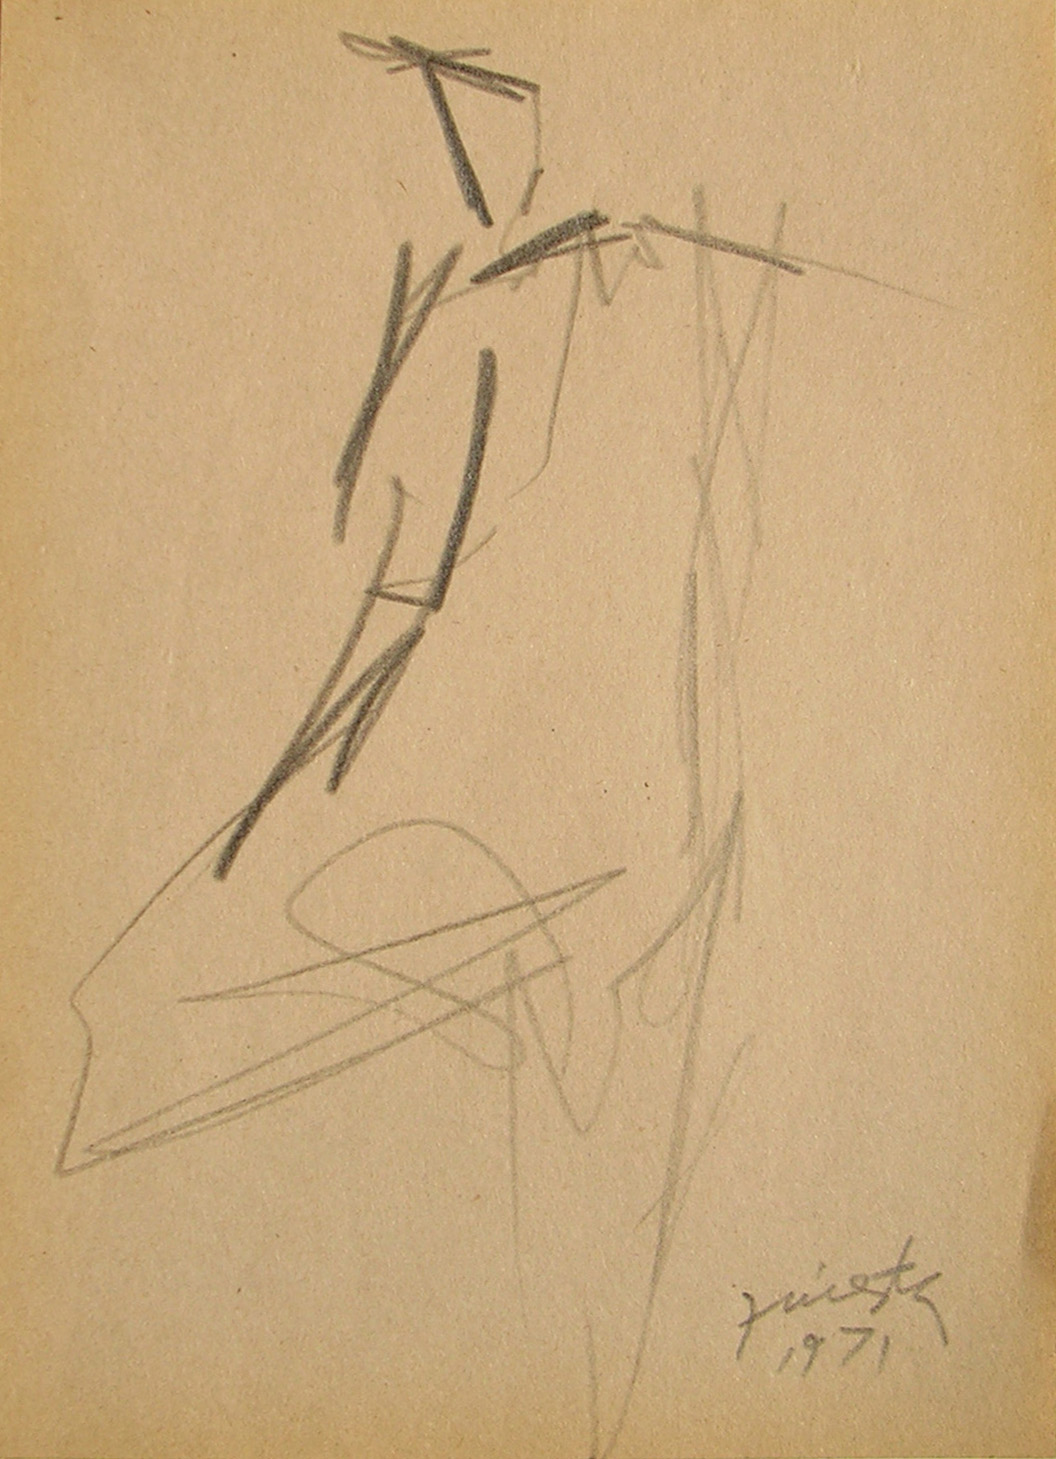 Figura humana, carbonilla sobre papel, 19 cm x 13 cm, 1971